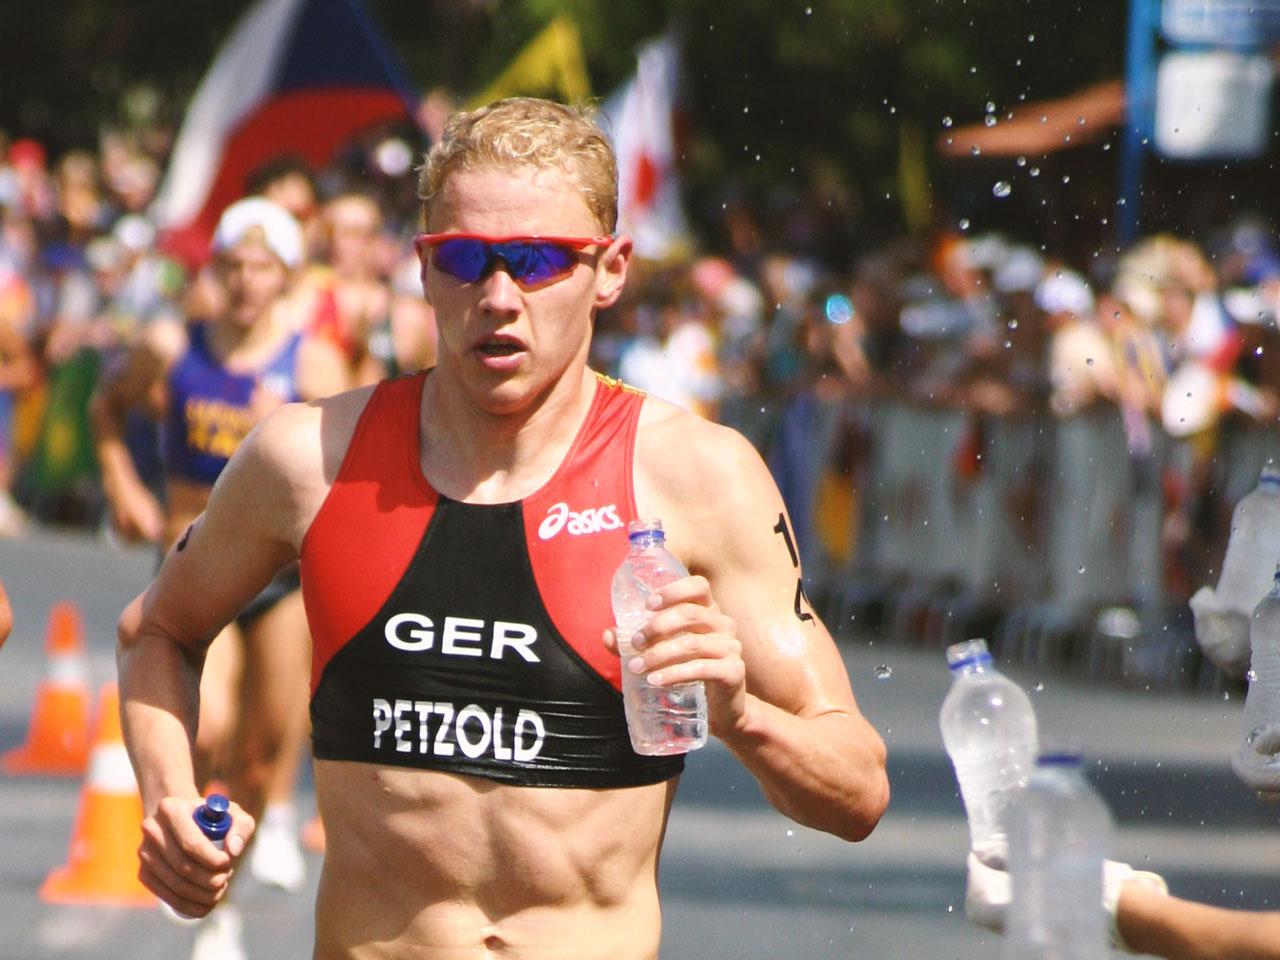 Maik Petzold 2004, Olympischer Triathlon in Athen